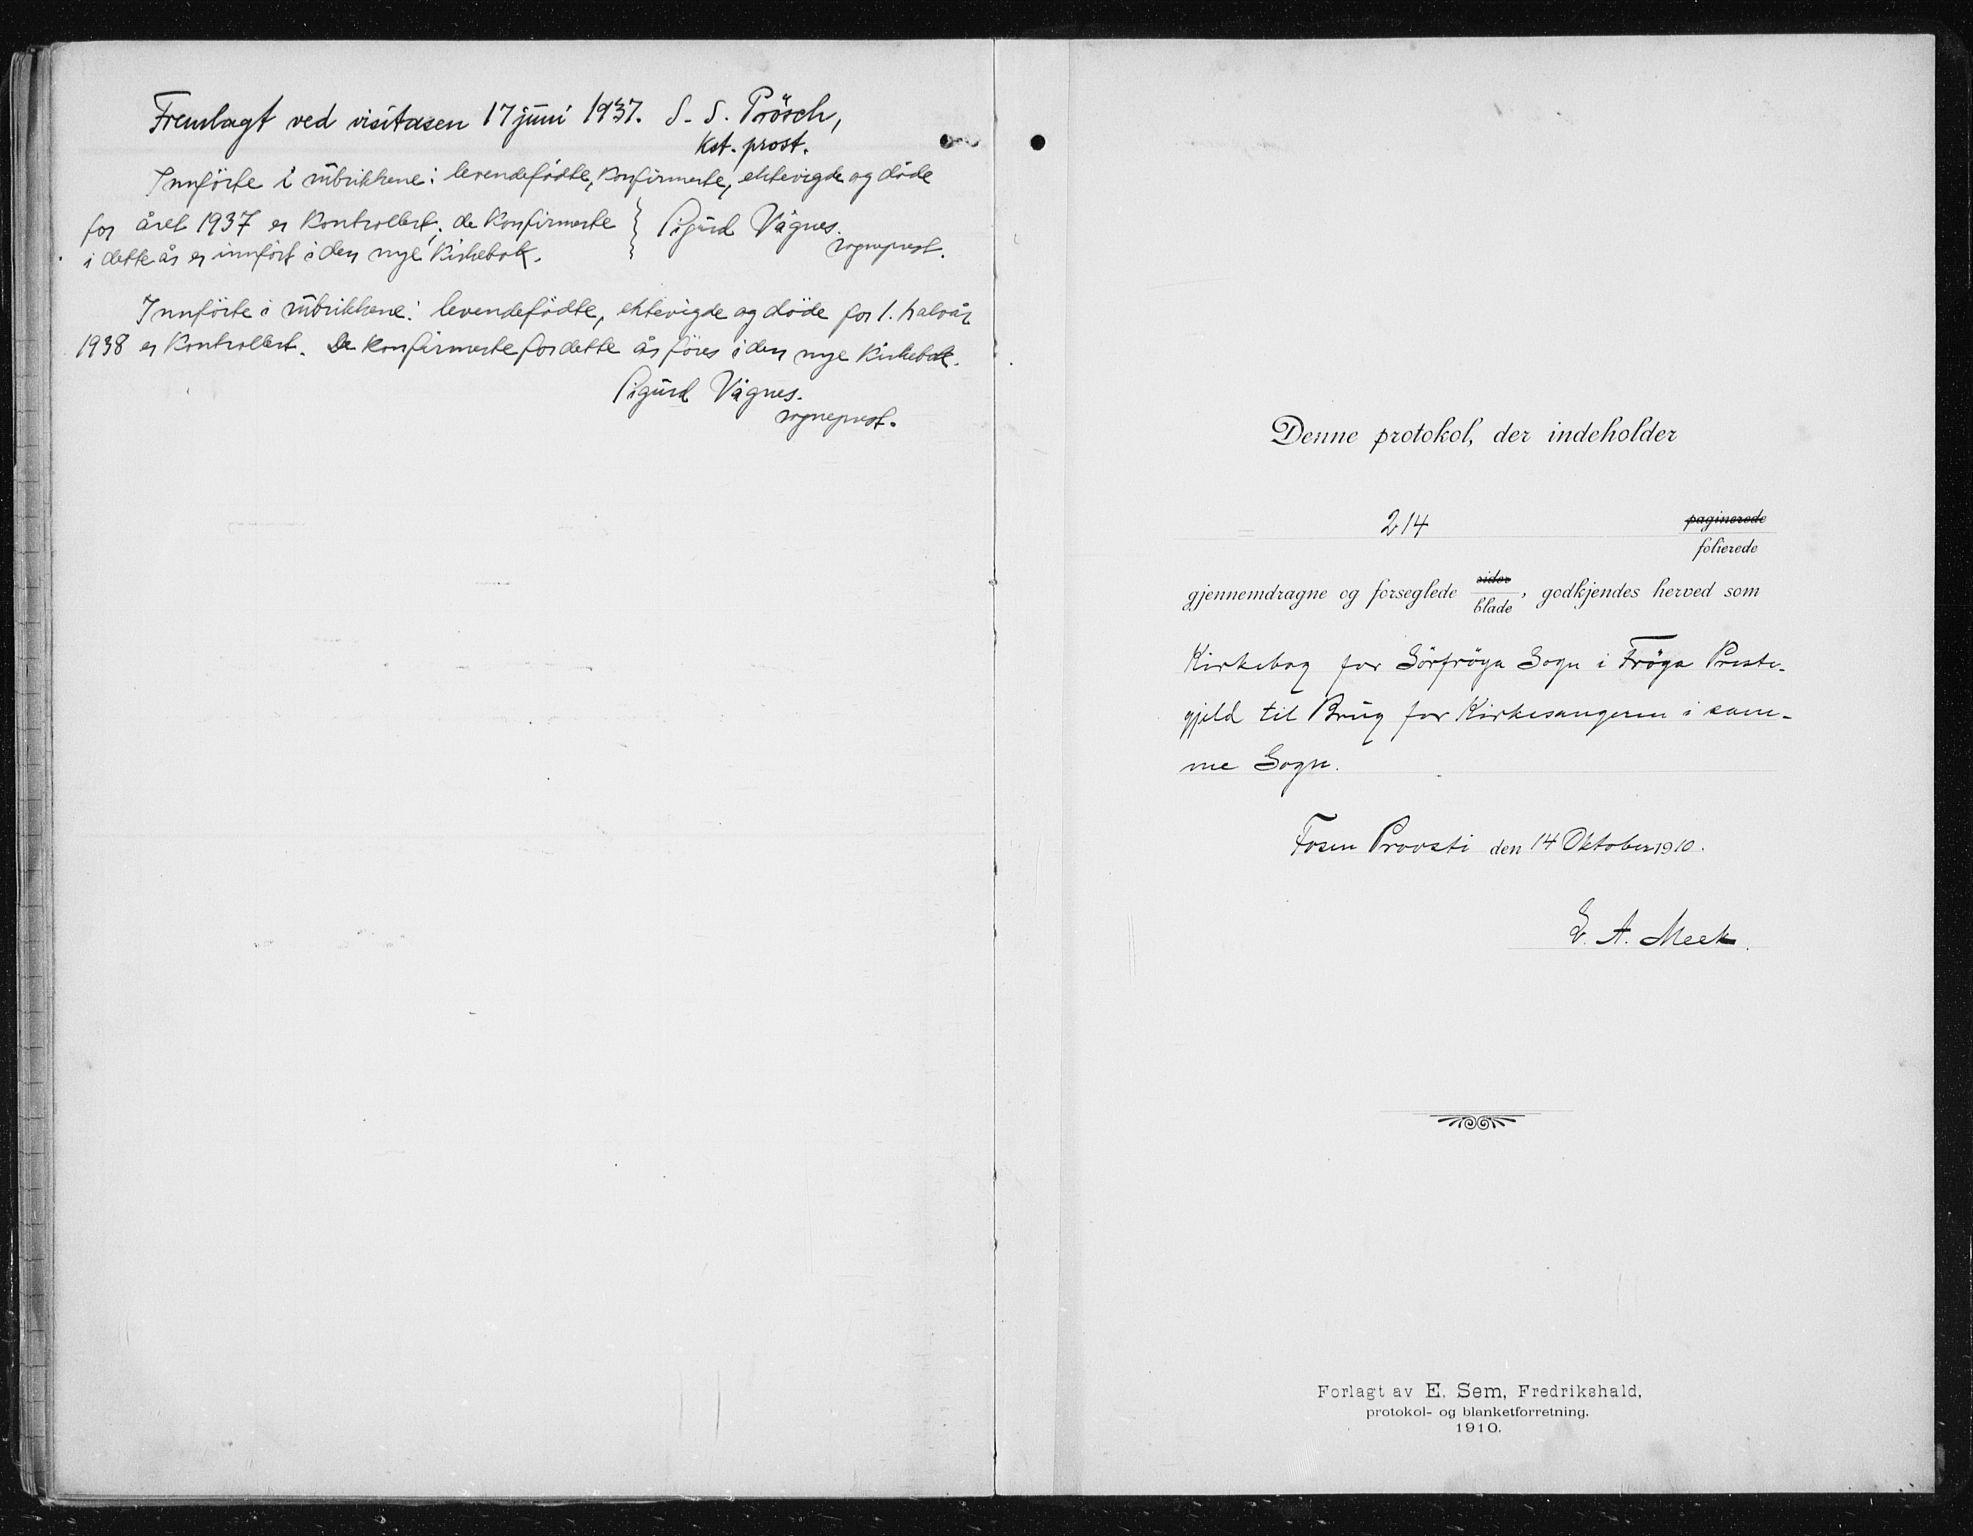 SAT, Ministerialprotokoller, klokkerbøker og fødselsregistre - Sør-Trøndelag, 641/L0599: Klokkerbok nr. 641C03, 1910-1938